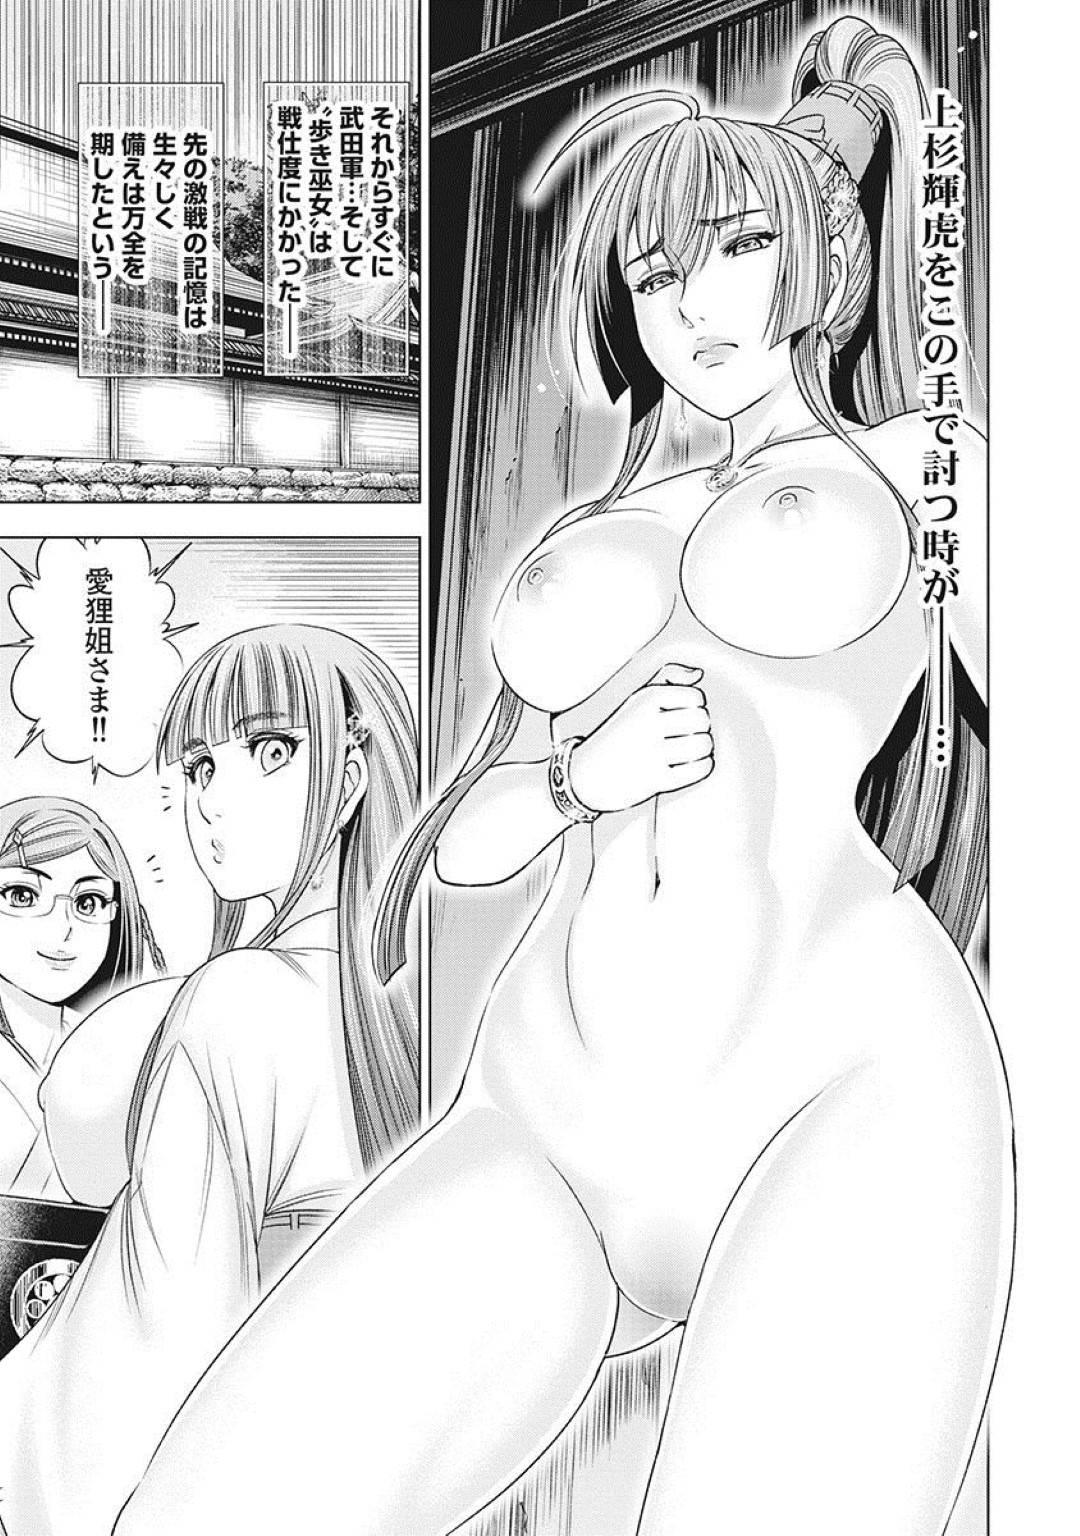 【エロ漫画】来たるべき時に備えて毎日のようにオナニーに更けては乳首や膣を責めて淫気を高め続ける歩き巫女の九尾。上杉軍に動きがあった事を悟った彼女は彼の屋敷へと忍び込んで上杉と対峙する。